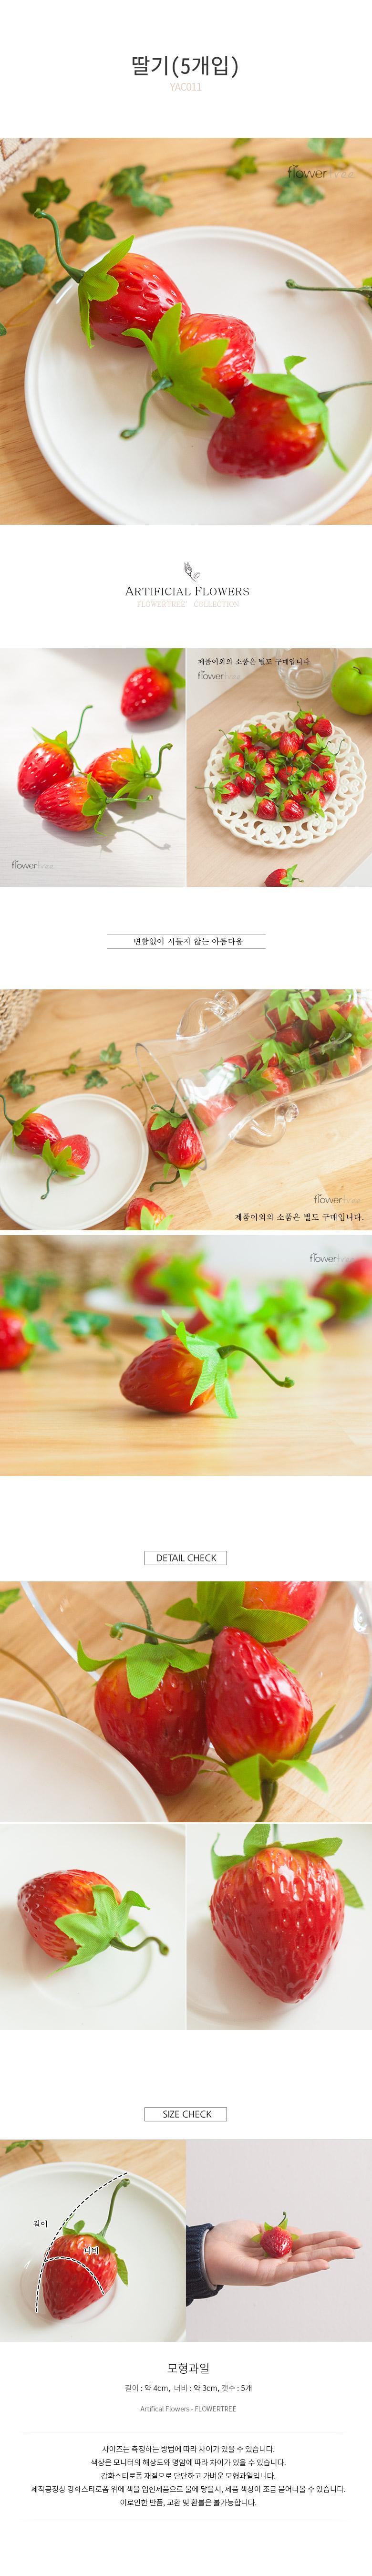 딸기(5개입) FOFDFT 모조과일 모형 빵 채소 - 플라워트리, 1,080원, 미니어처, 음식